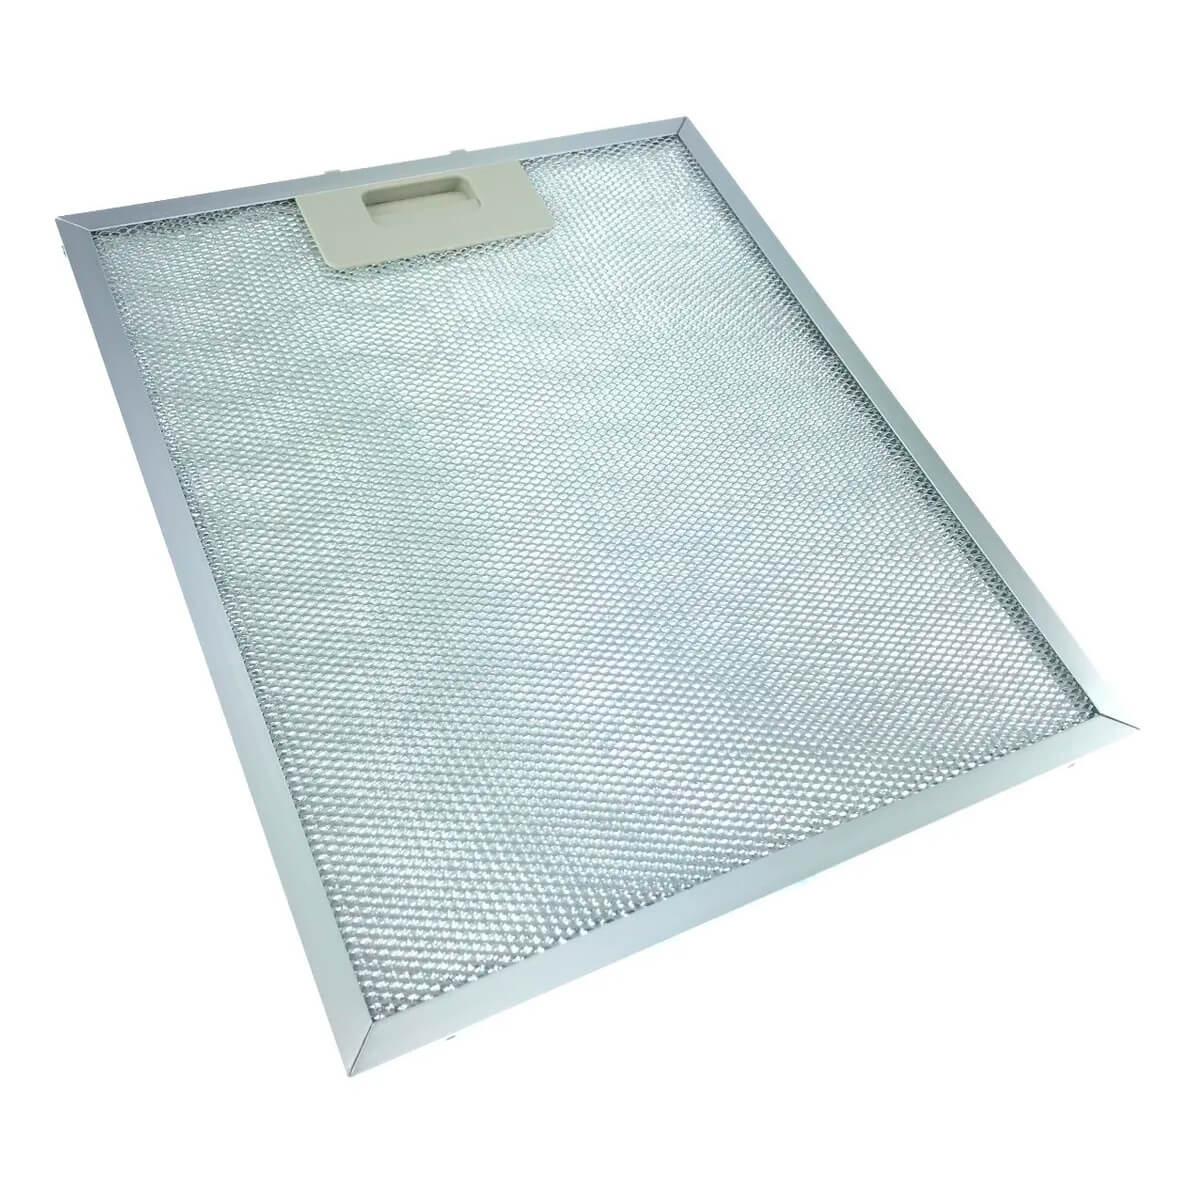 Filtro De Alumínio Para Coifa Electrolux - E653030